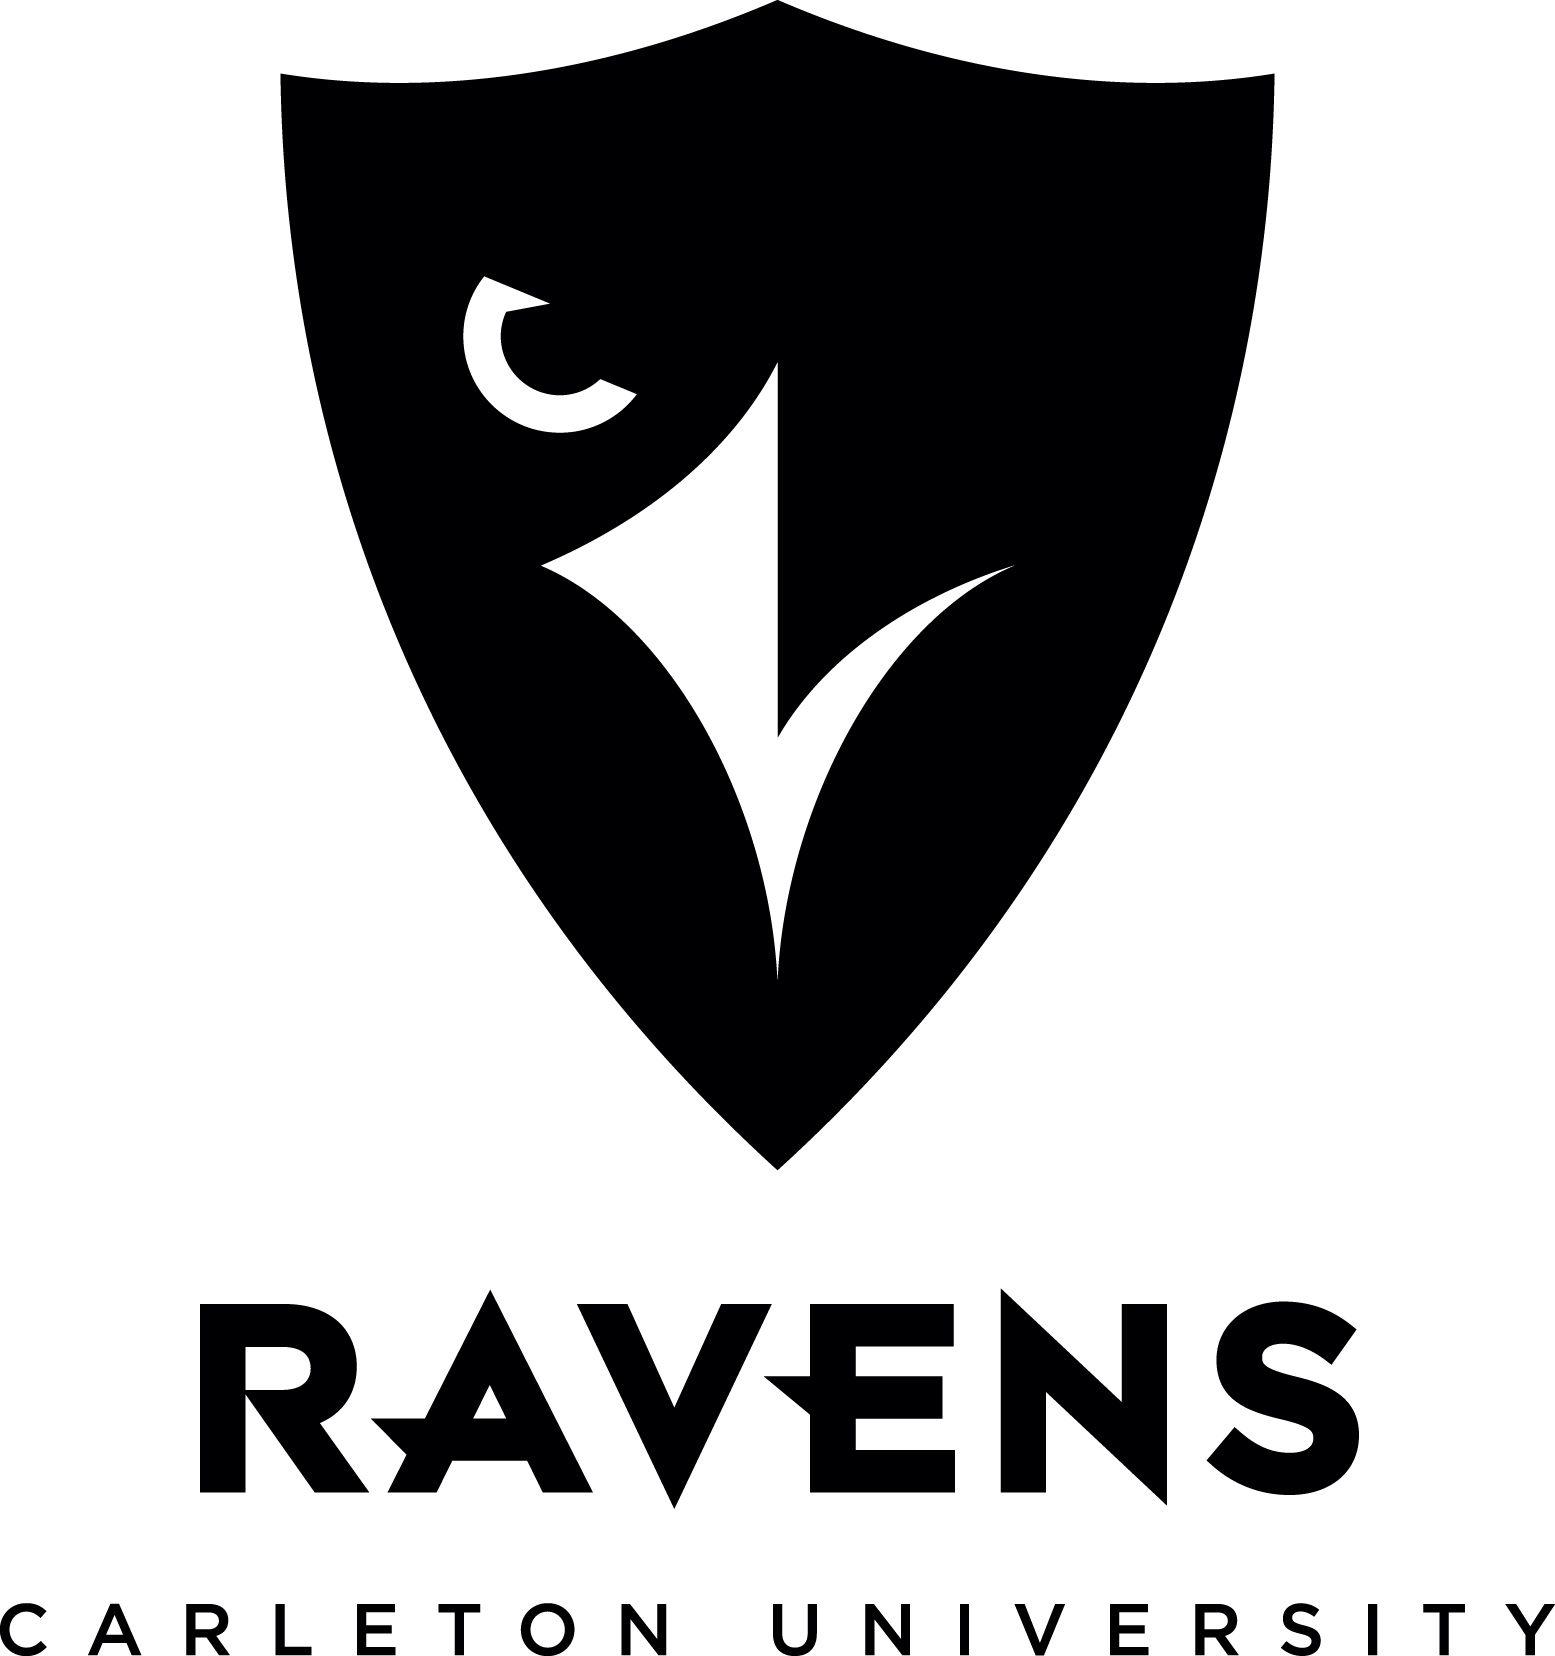 Carleton Ravens | Crow logo, Raven logo, Sports logo